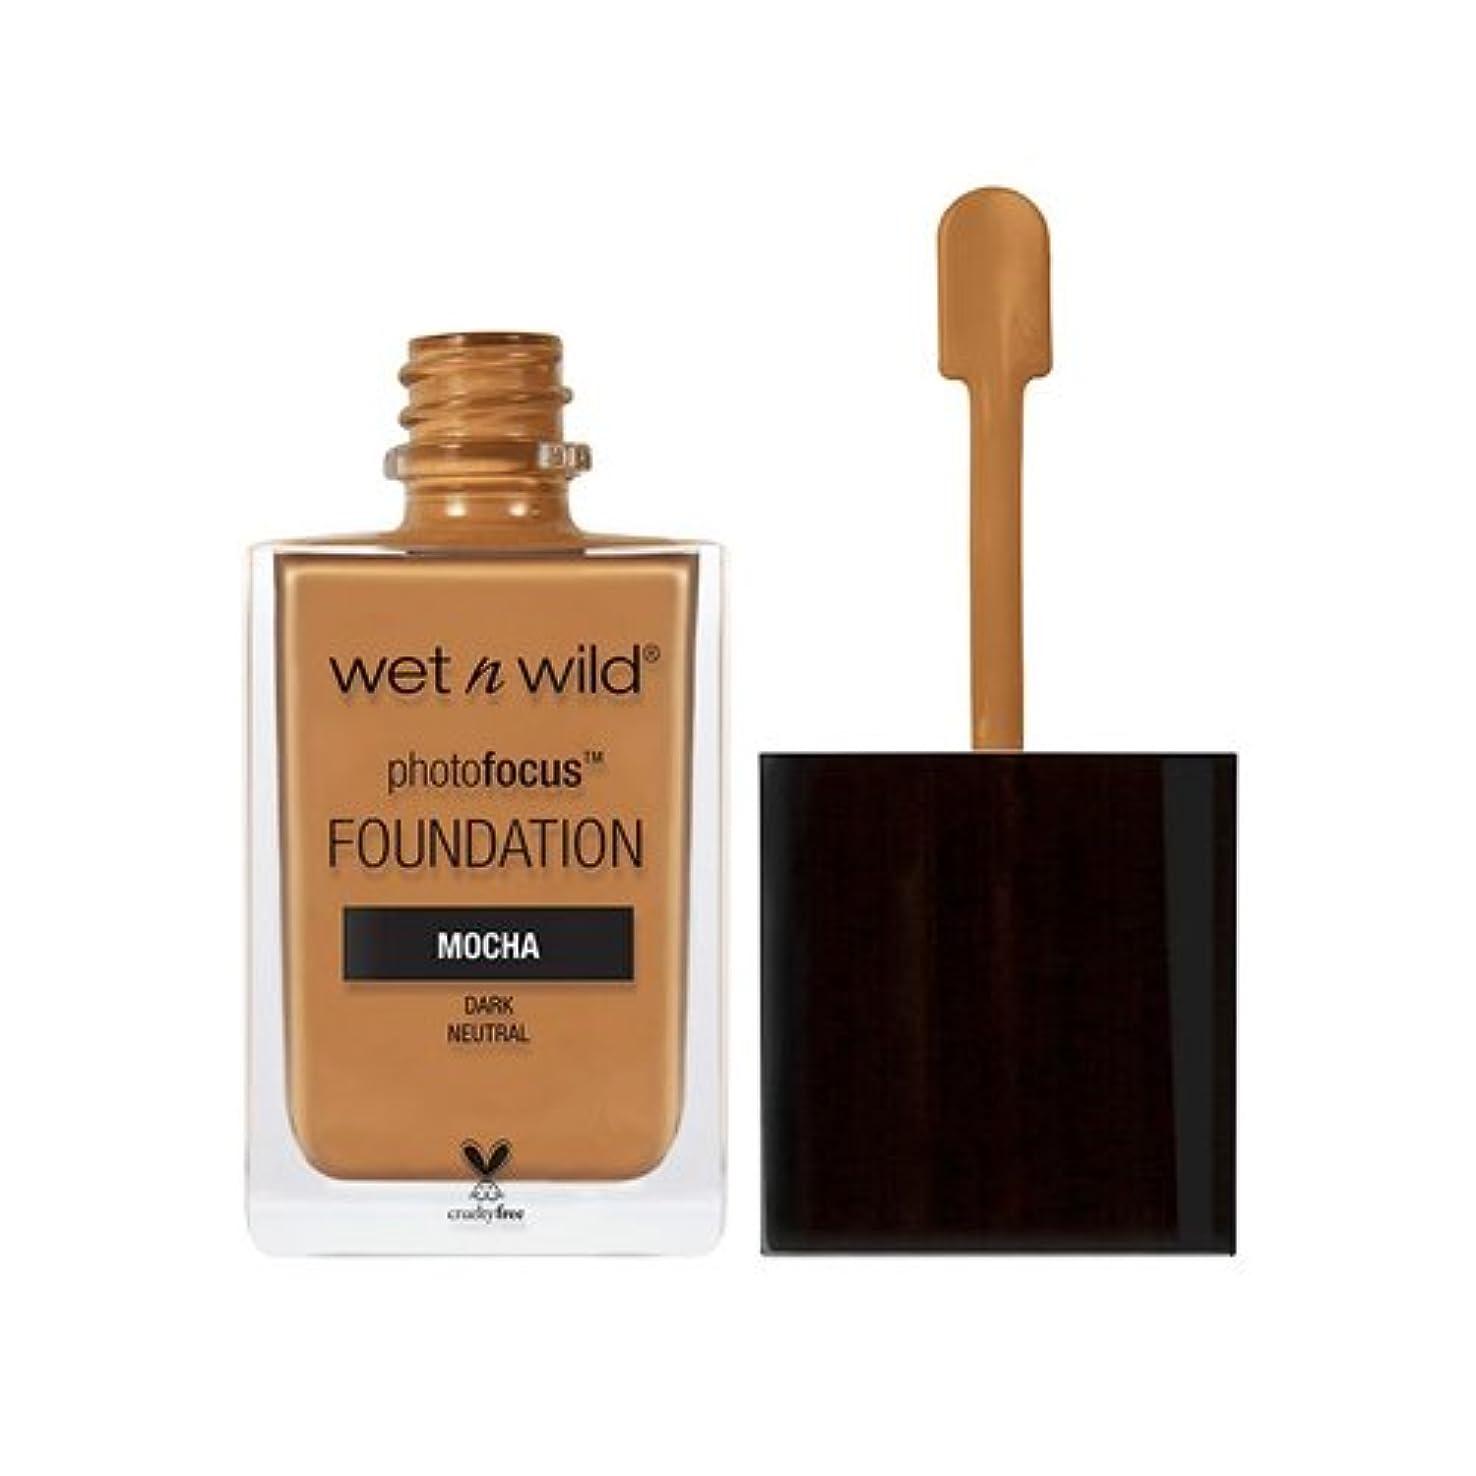 クレーンもの植物学者(3 Pack) WET N WILD Photo Focus Foundation - Mocha (並行輸入品)